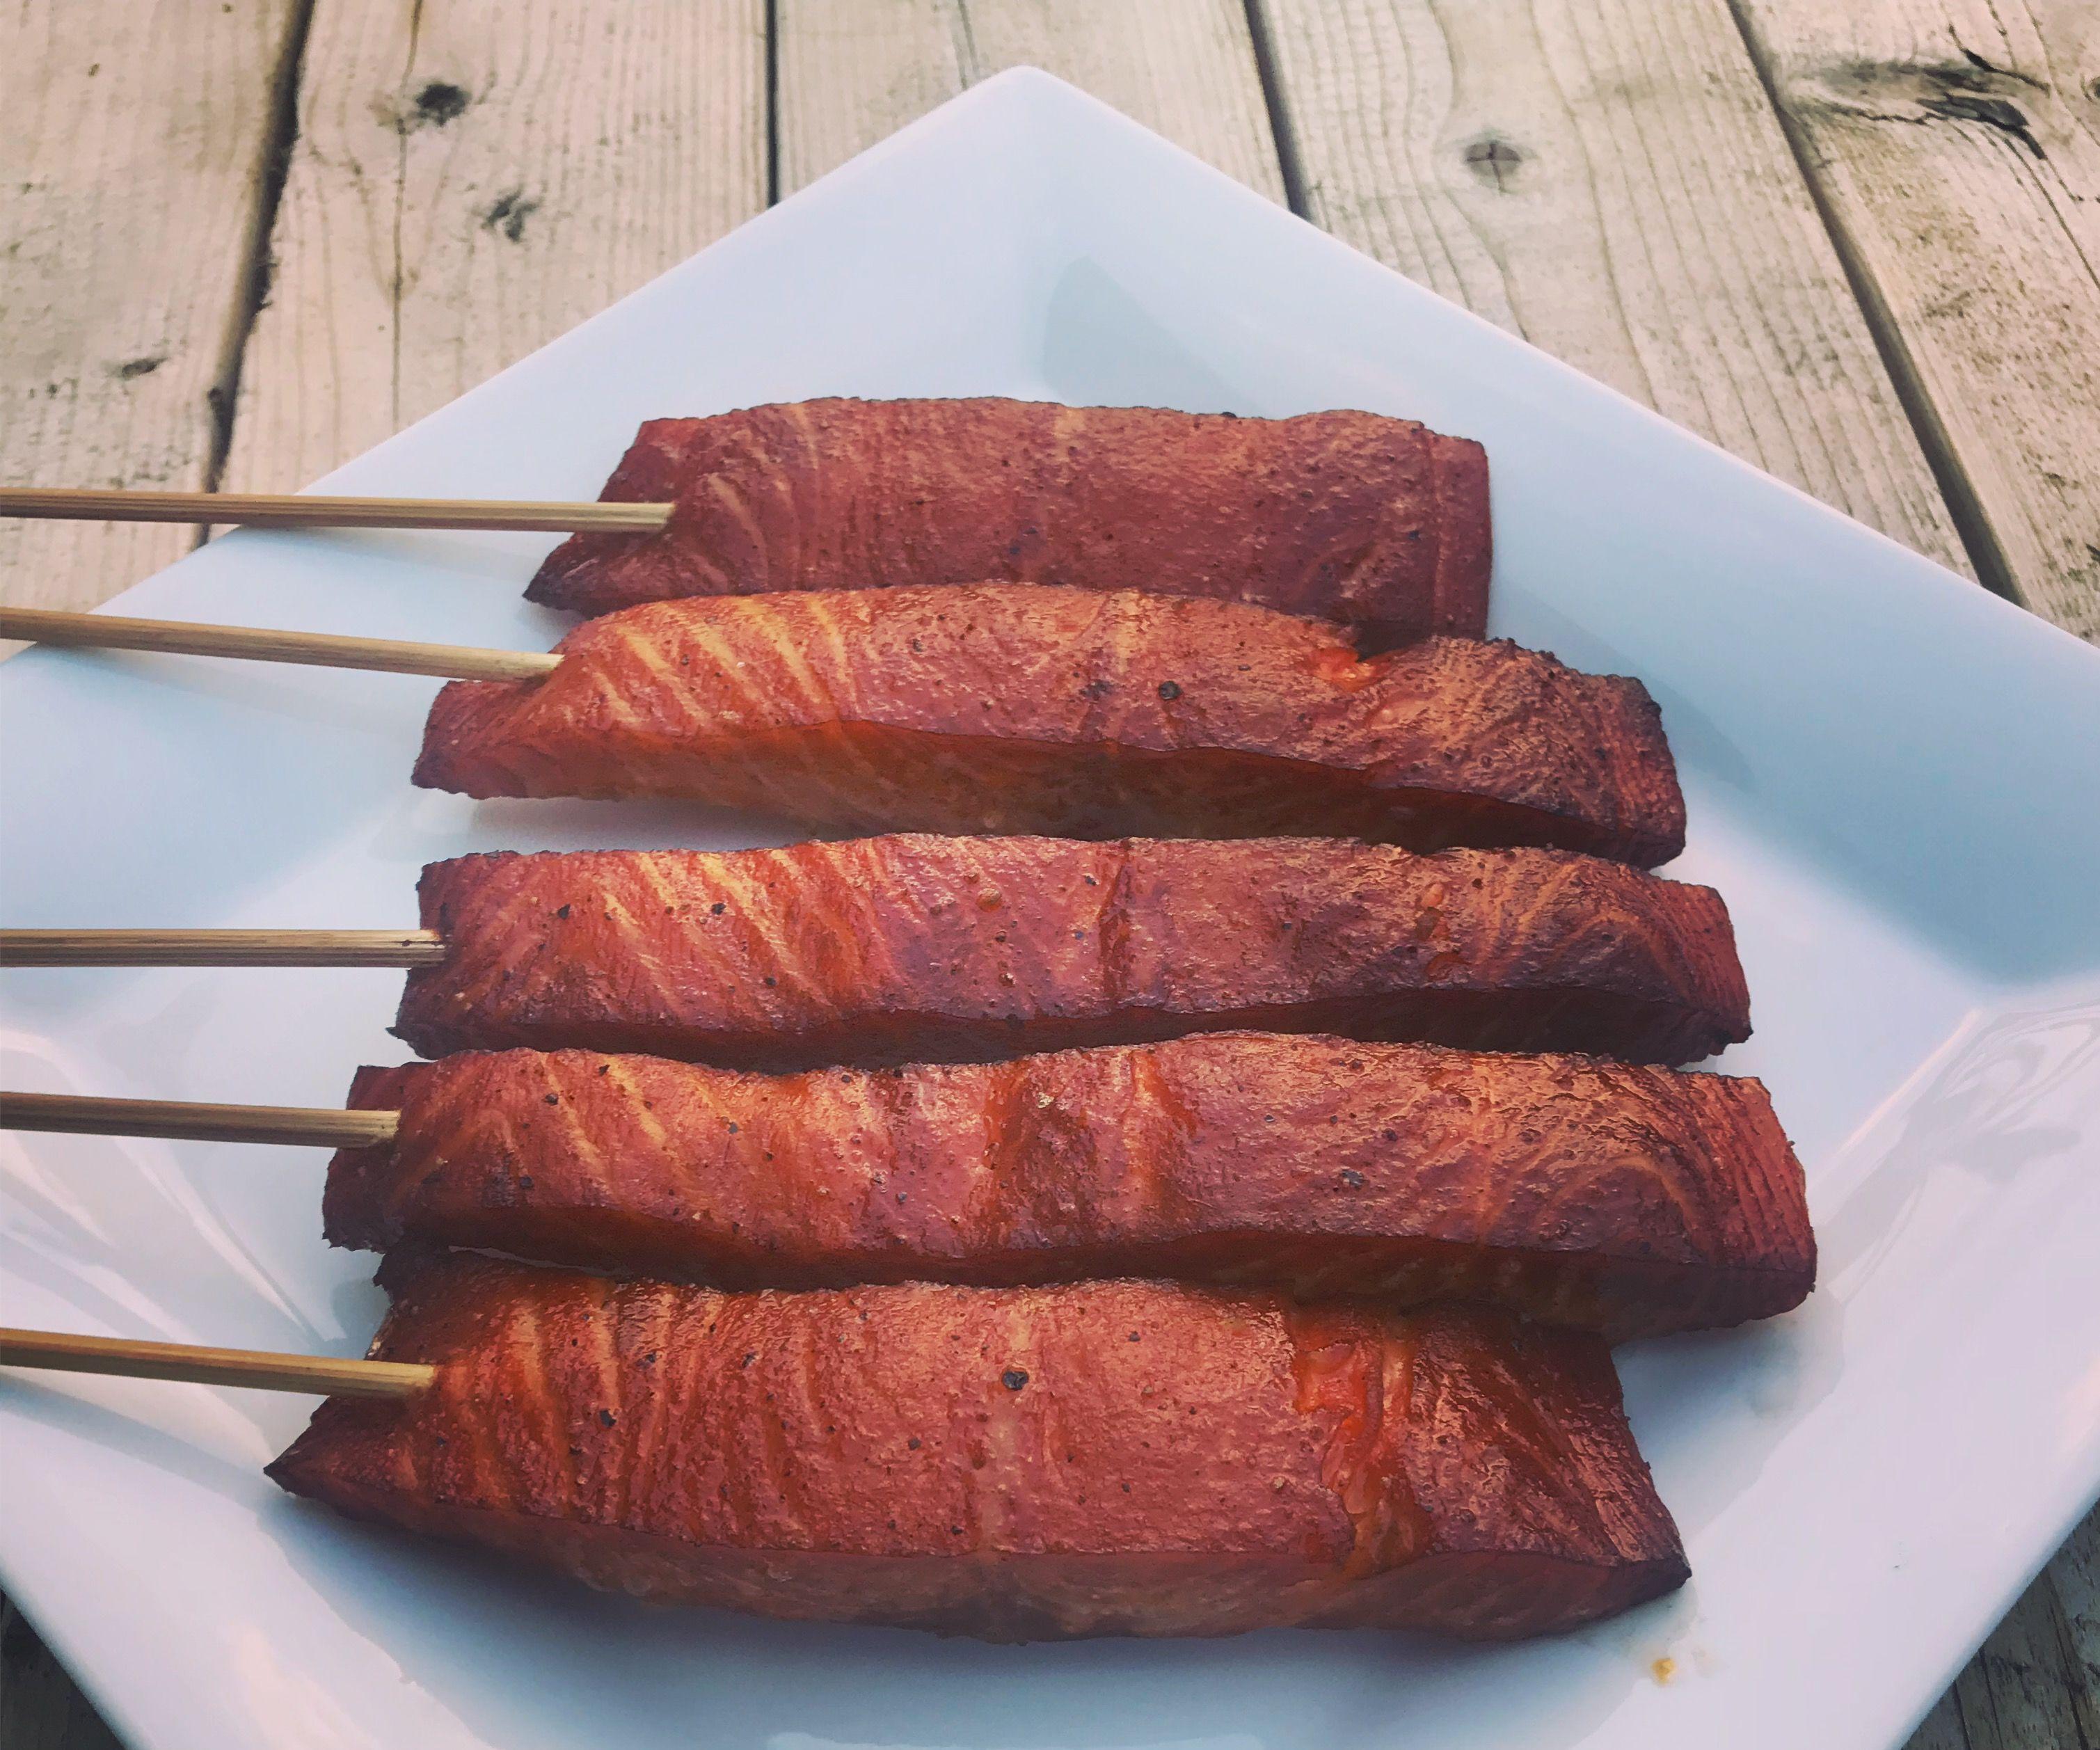 Smoked Salmon on a Stick